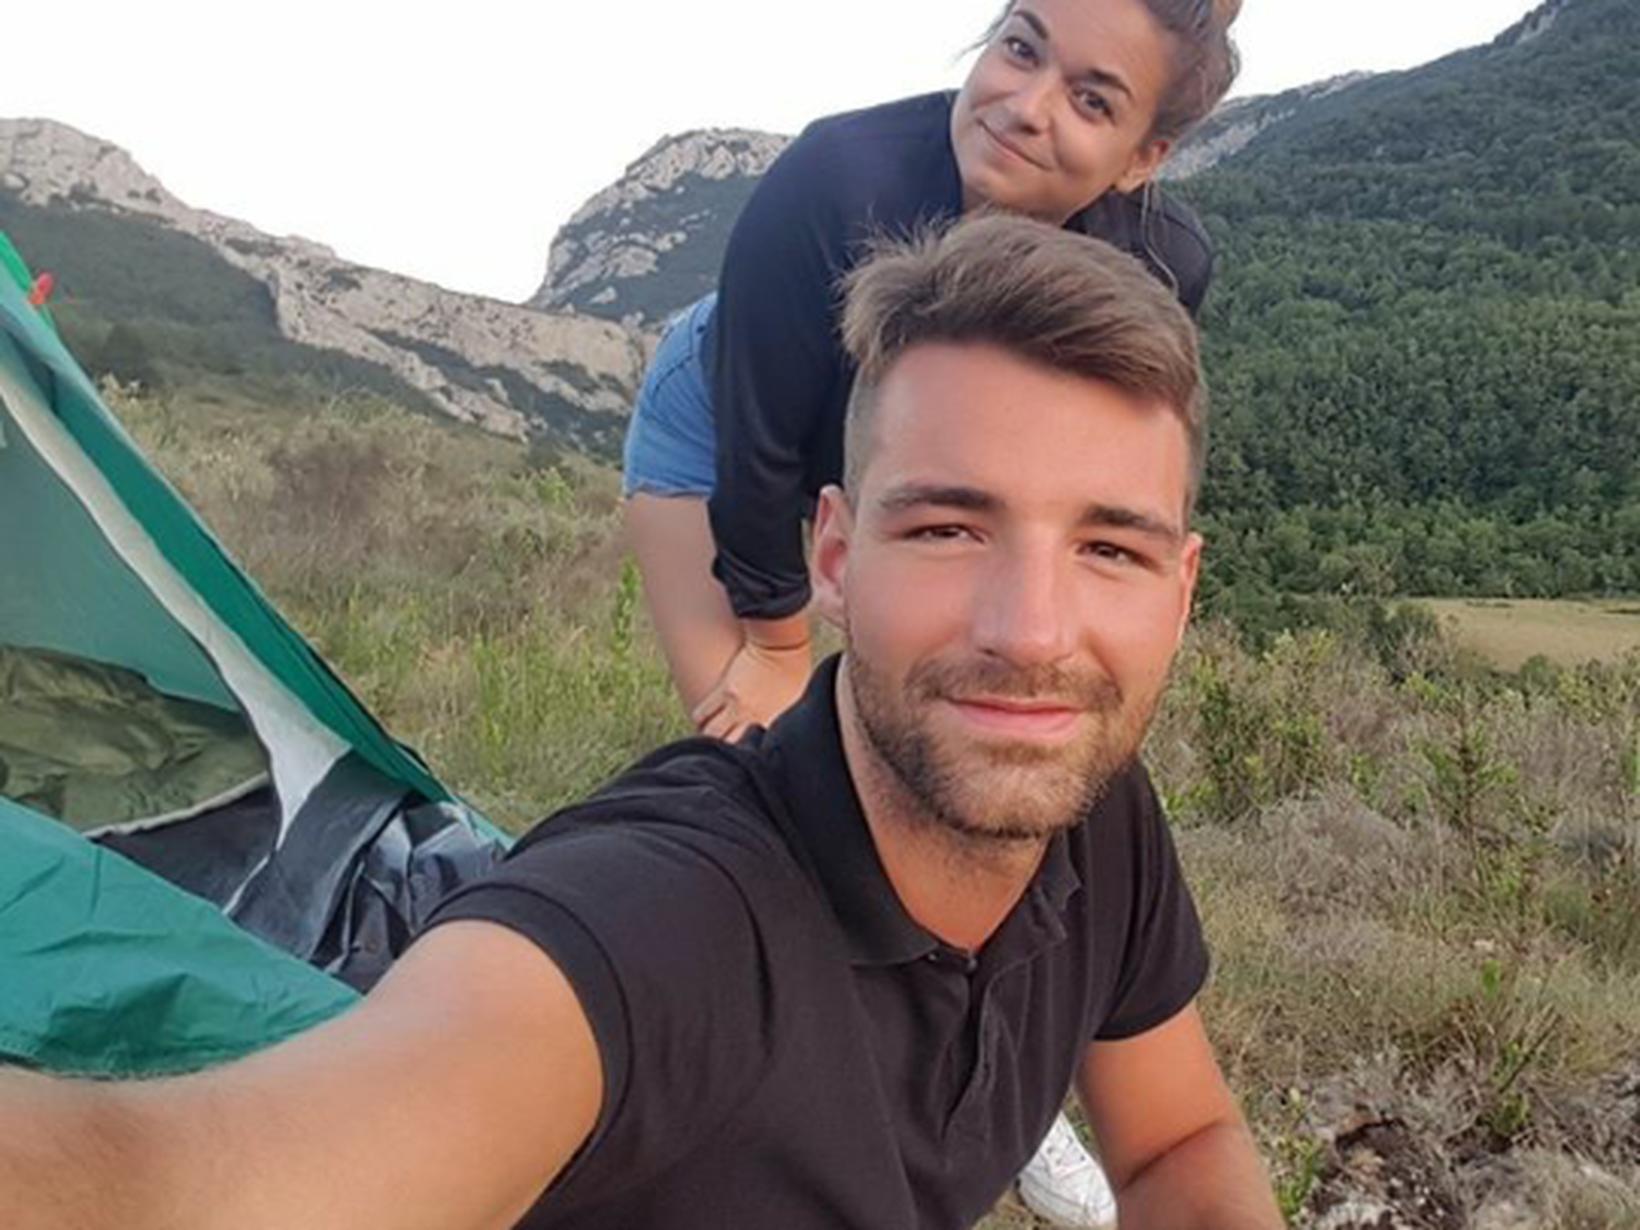 Renee & Jens from Brugge, Belgium